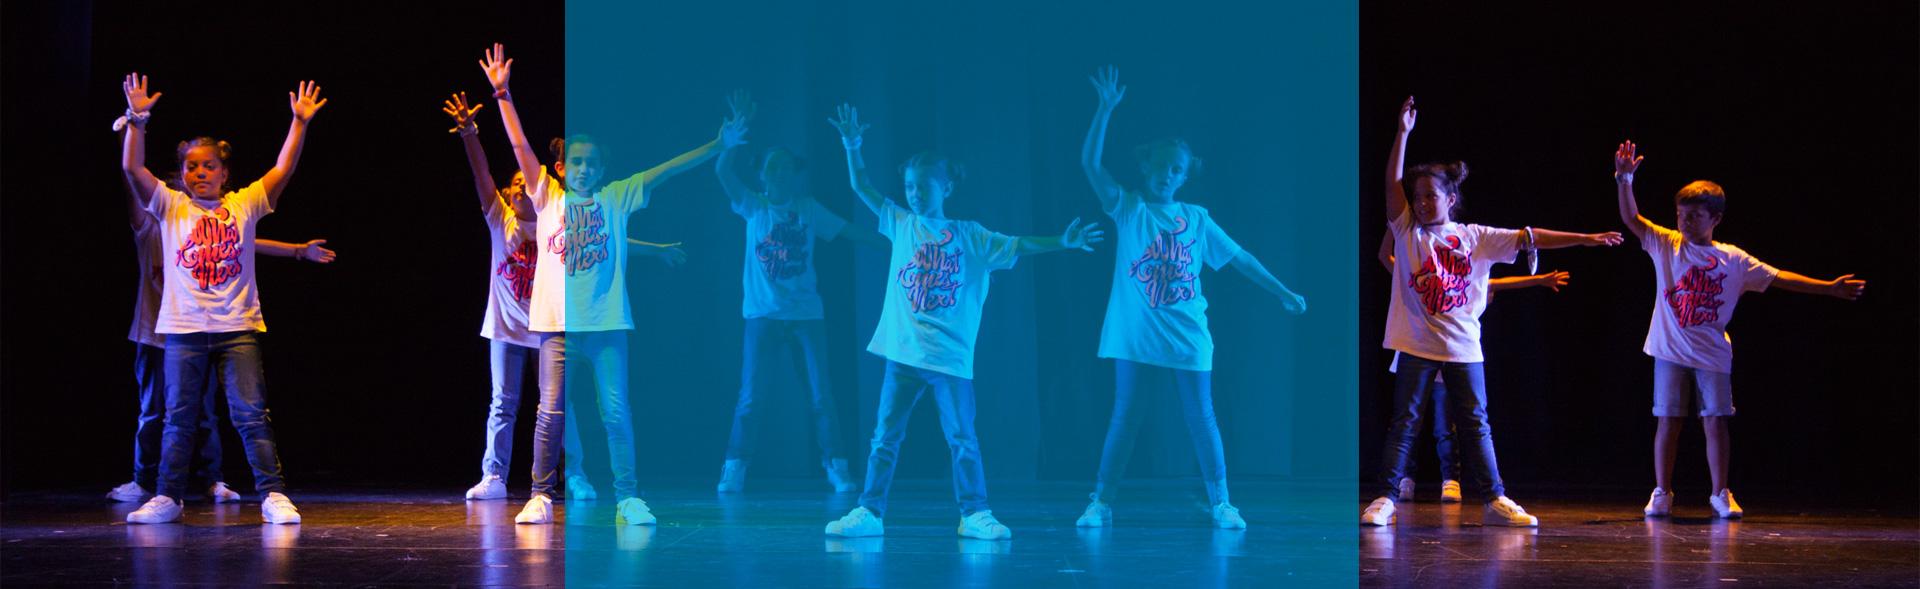 Diviértete bailando